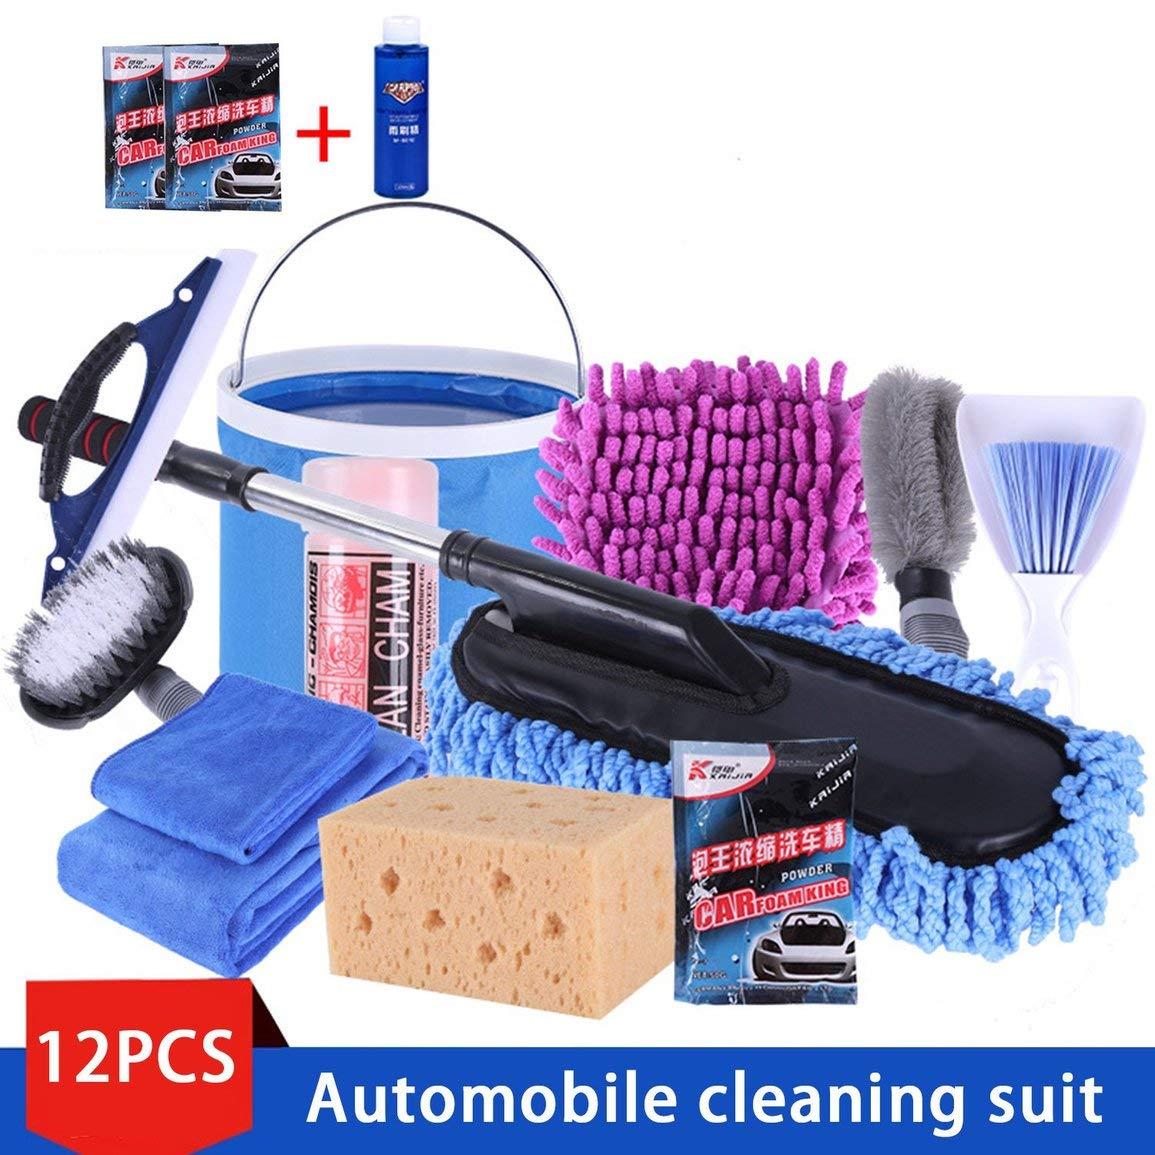 12 Tool Pack Portable Set Car Wash Car Wash Combinaison Mé nage Serviette Voiture Mop poussiè re Brosse de Nettoyage de Voiture Produits de Voiture Fantasyworld